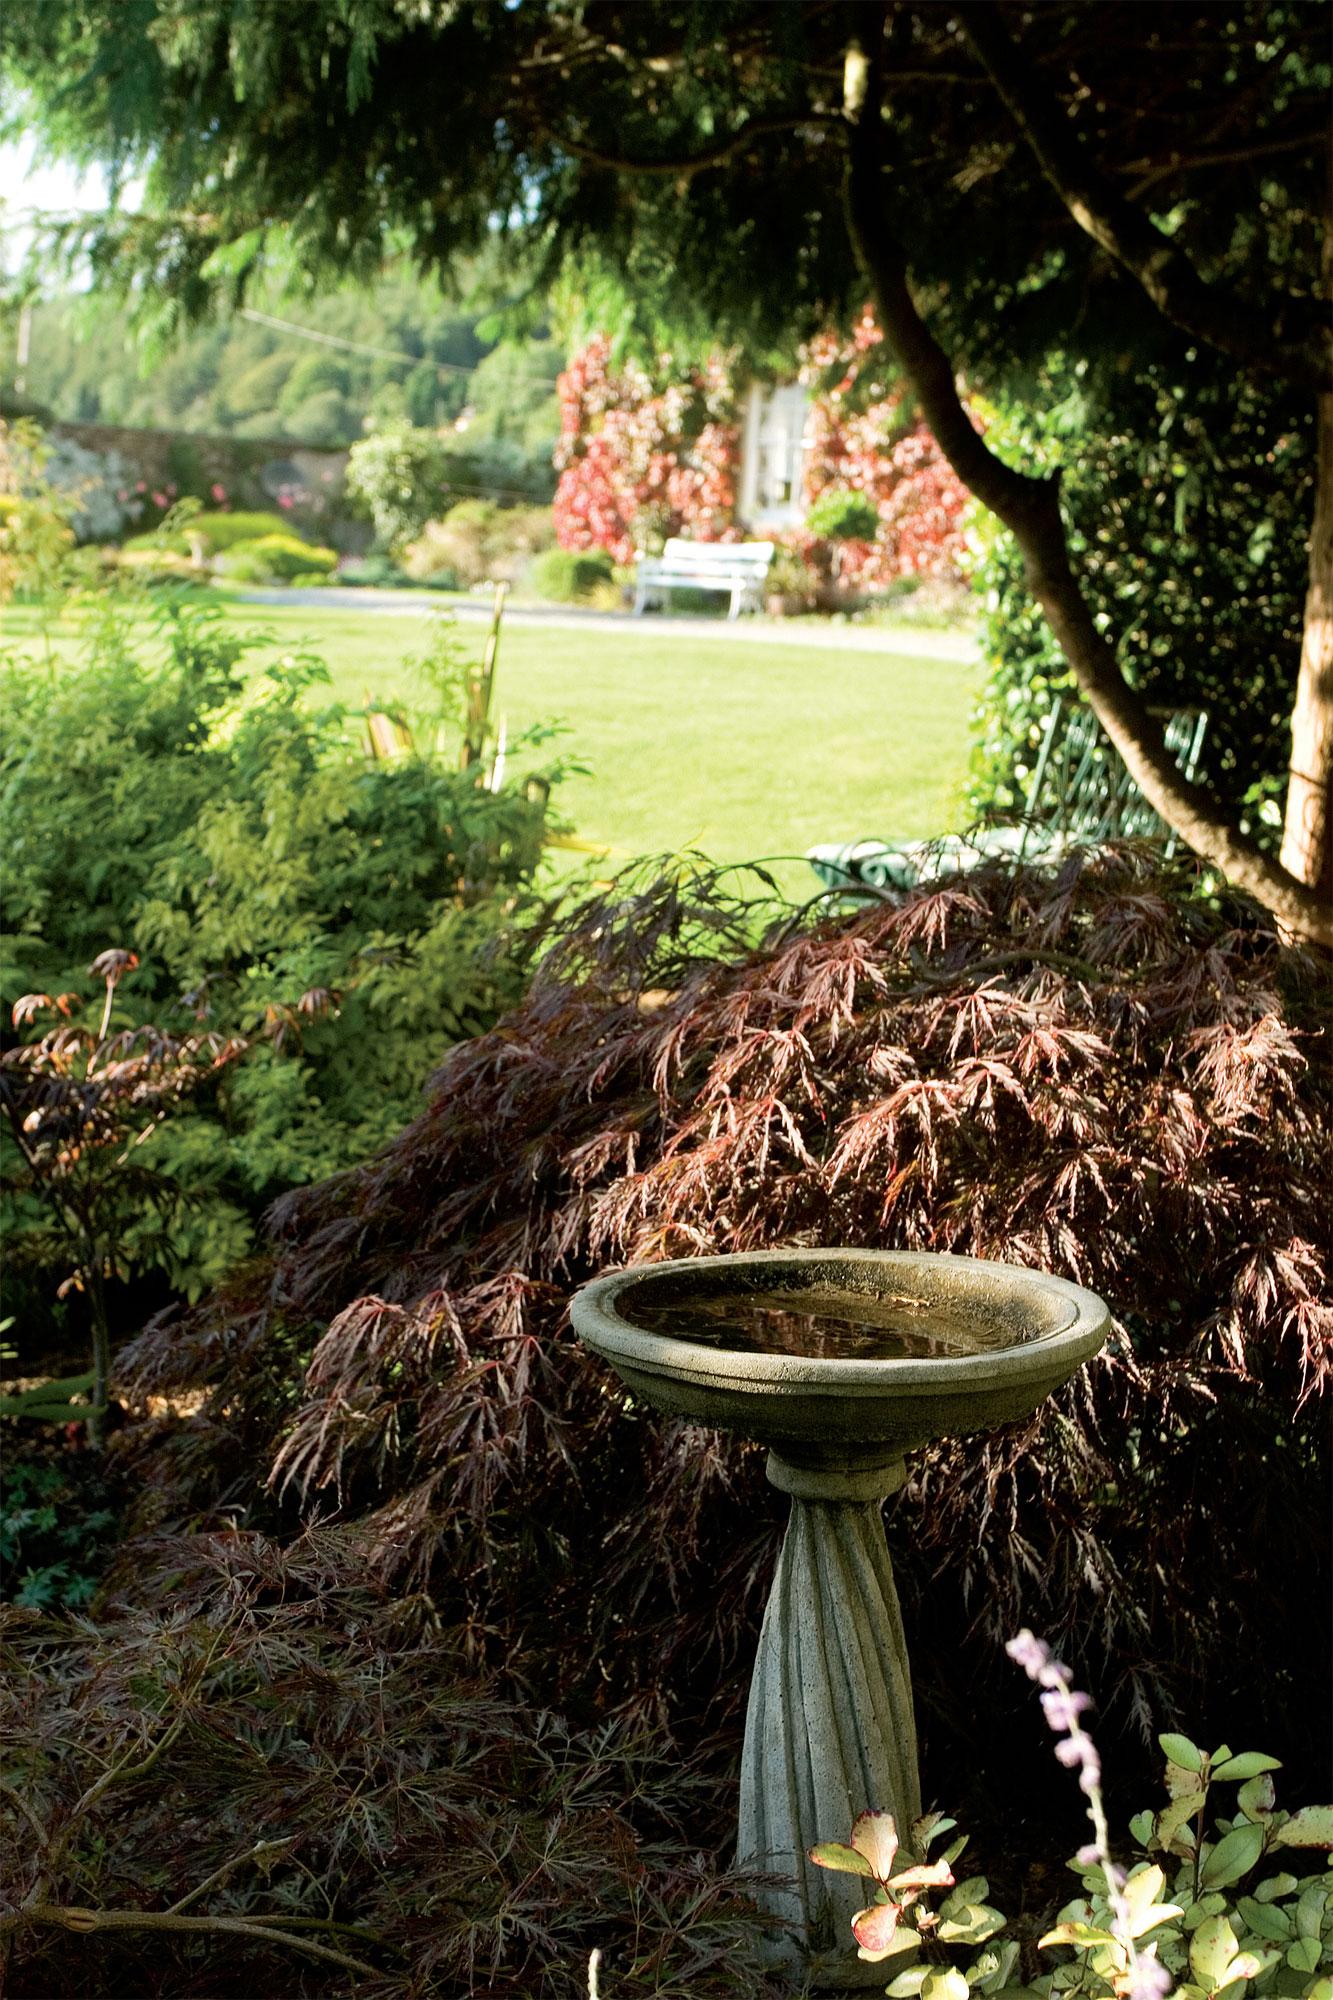 Vastakohdat täydentävät toisiaan. Vaalea korkea vesiuurna erottuu hyvin lamoavakasvuisen, korkeuttaan leveämmän syvänpunaisen japaninvaahteran (Acer palmatum 'Chitoseyama') edessä. Tiiviin kasvillisuuden seasta aukeava kurkistusaukko tarjoaa myös valon ja varjon välistä leikittelyä.